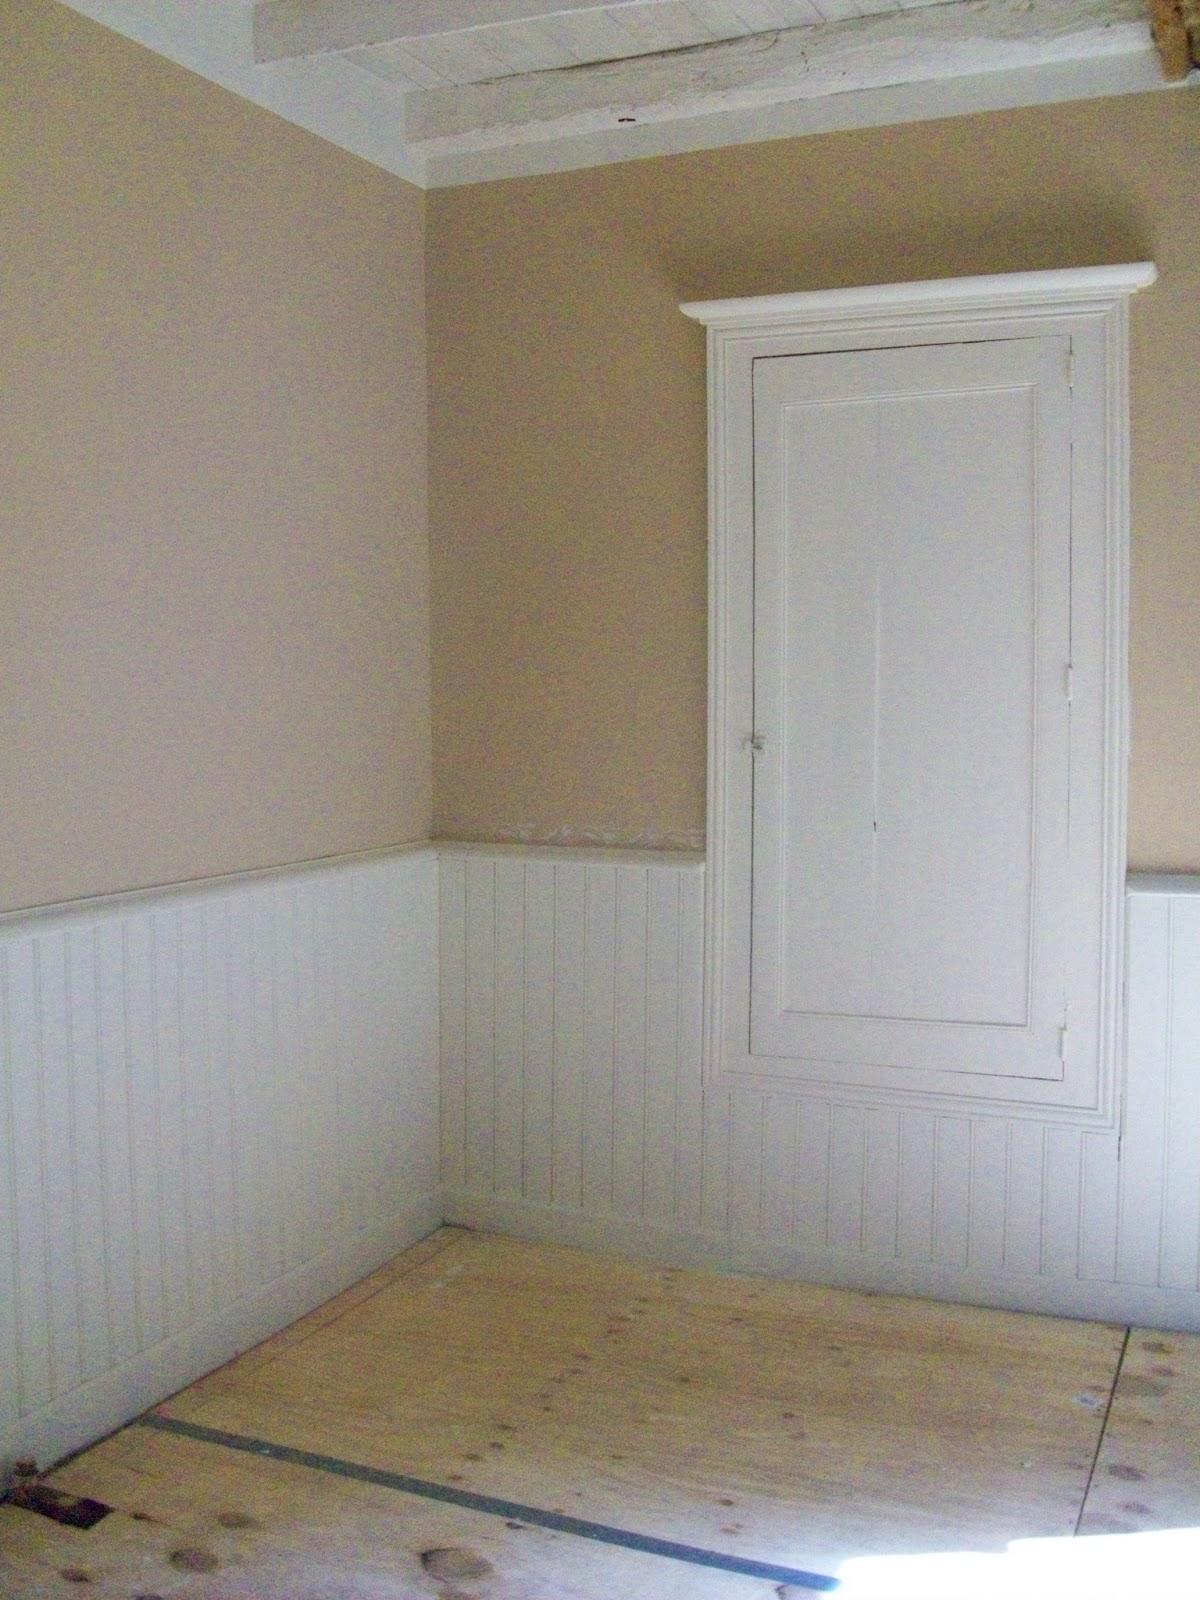 Casa immobiliare accessori colore avorio per pareti - Colore pittura casa ...